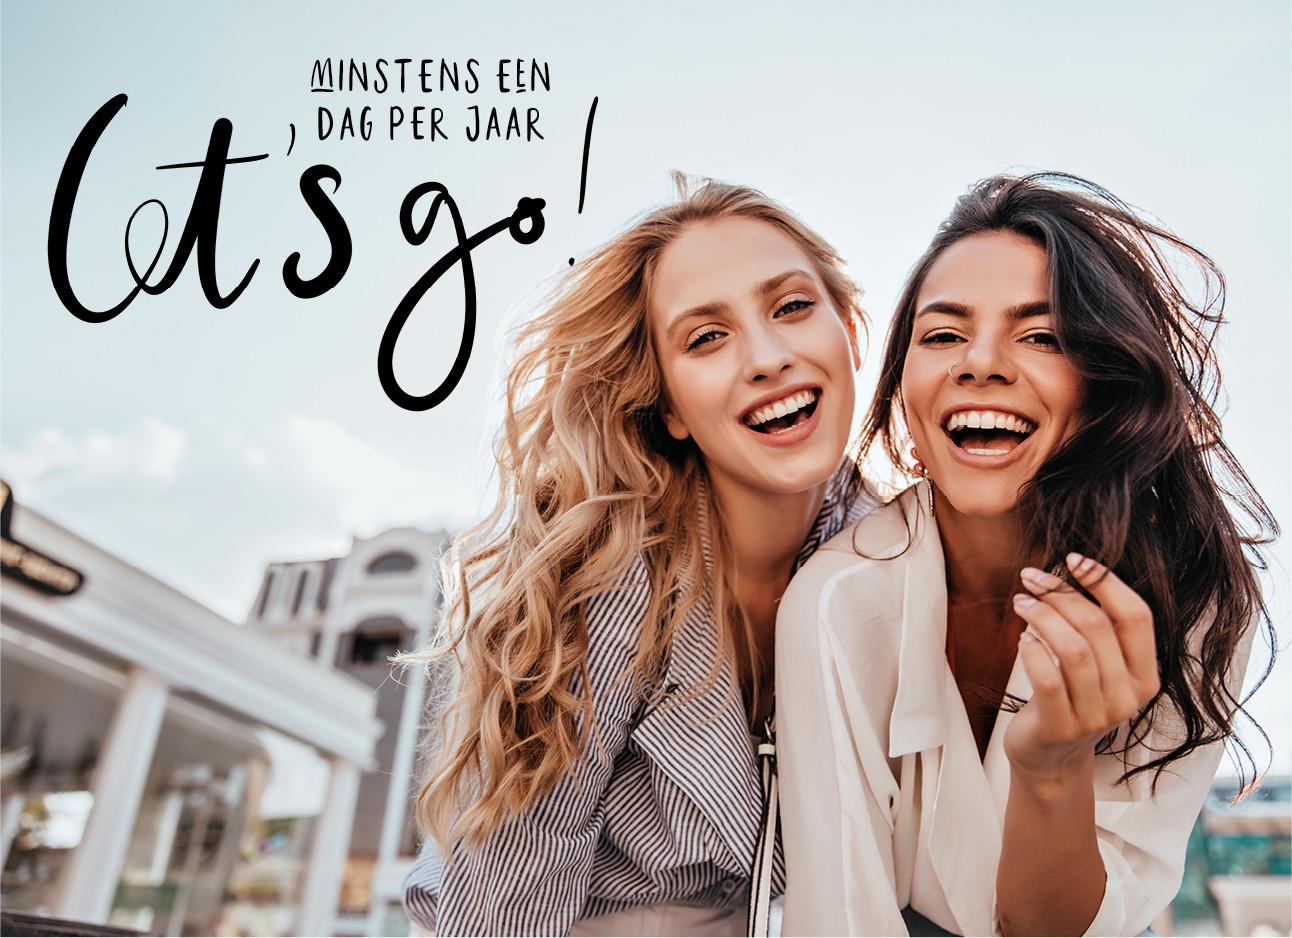 2 meiden die samen lachend naar de camera kijken